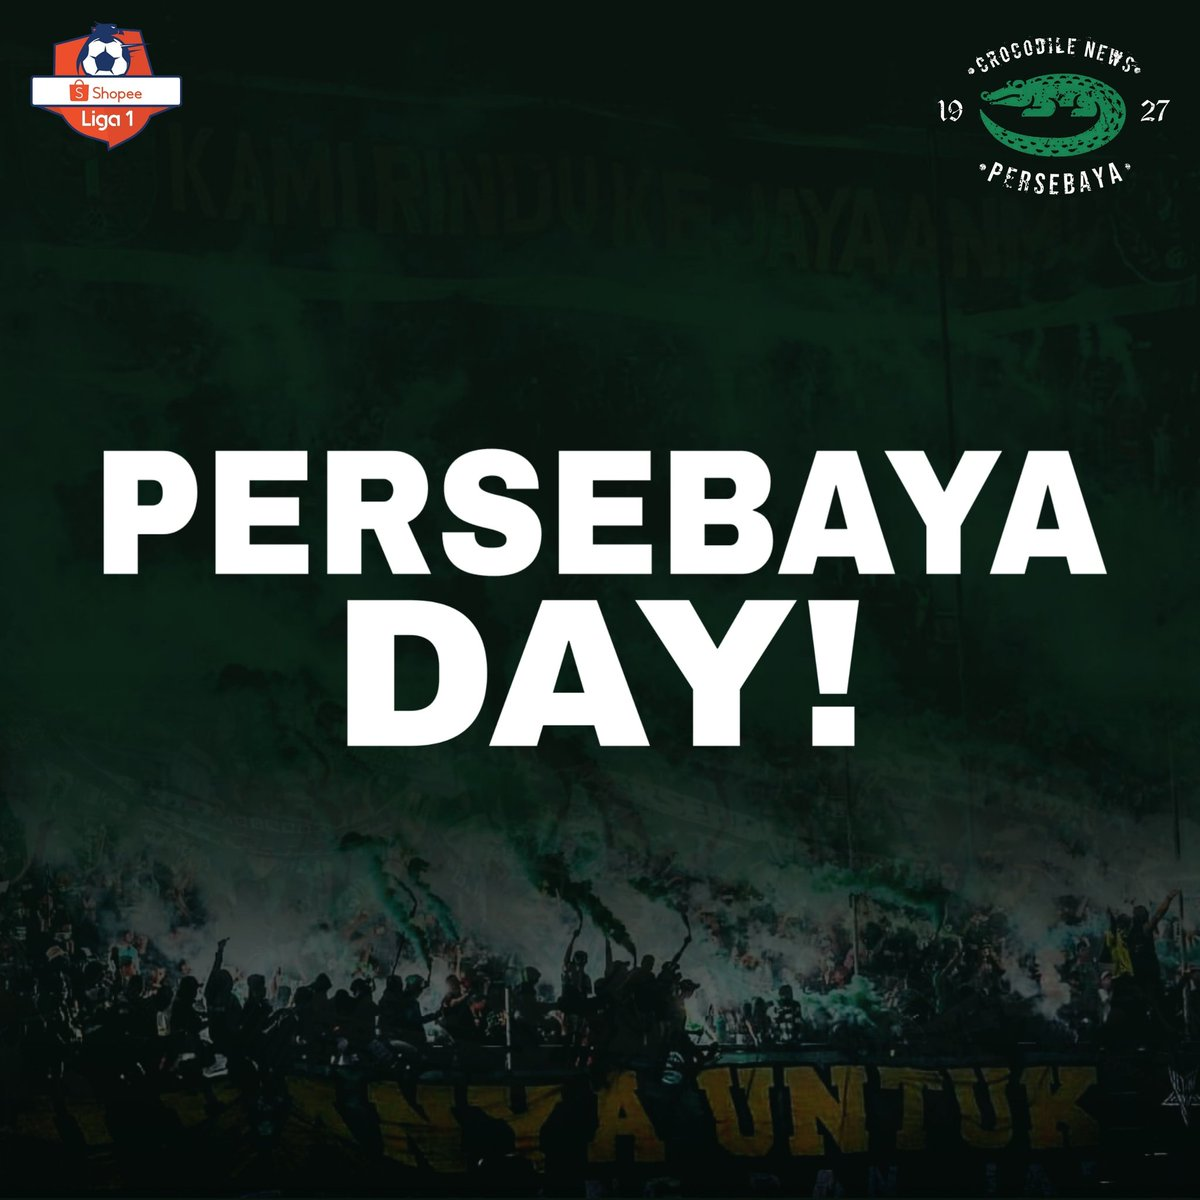 Happy Persebaya Day!  Bismillah semoga 3 poin hari ini! #Persebaya #bajolijo #greenforce #CrocodileNews #bonek #bonita #PersebayaDay